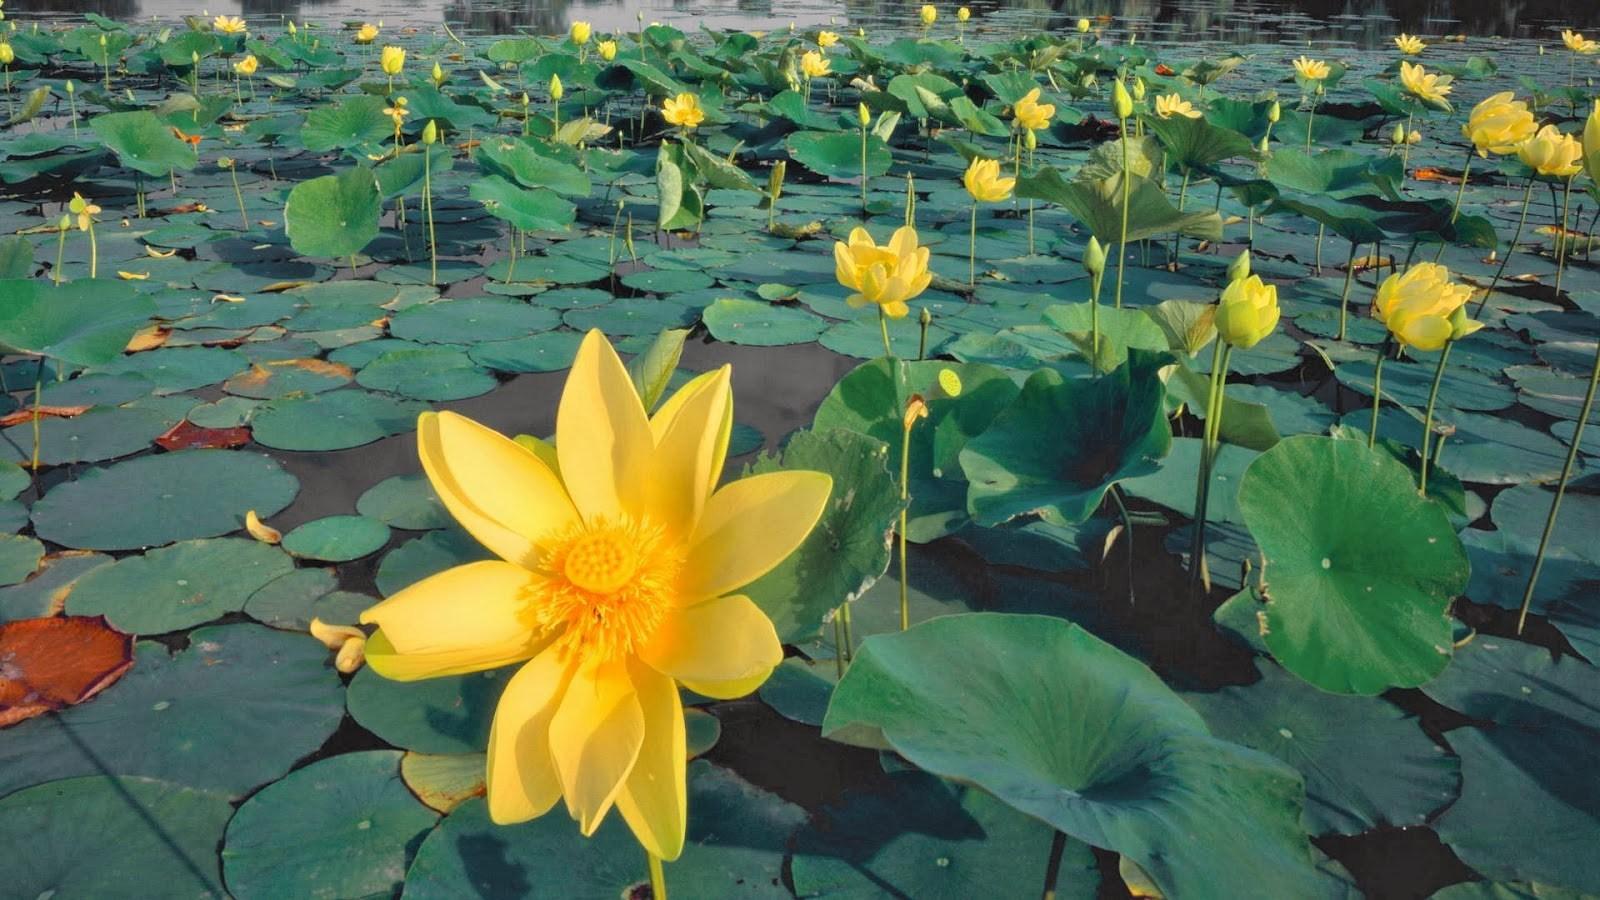 Hoa sen vàng rất đẹp